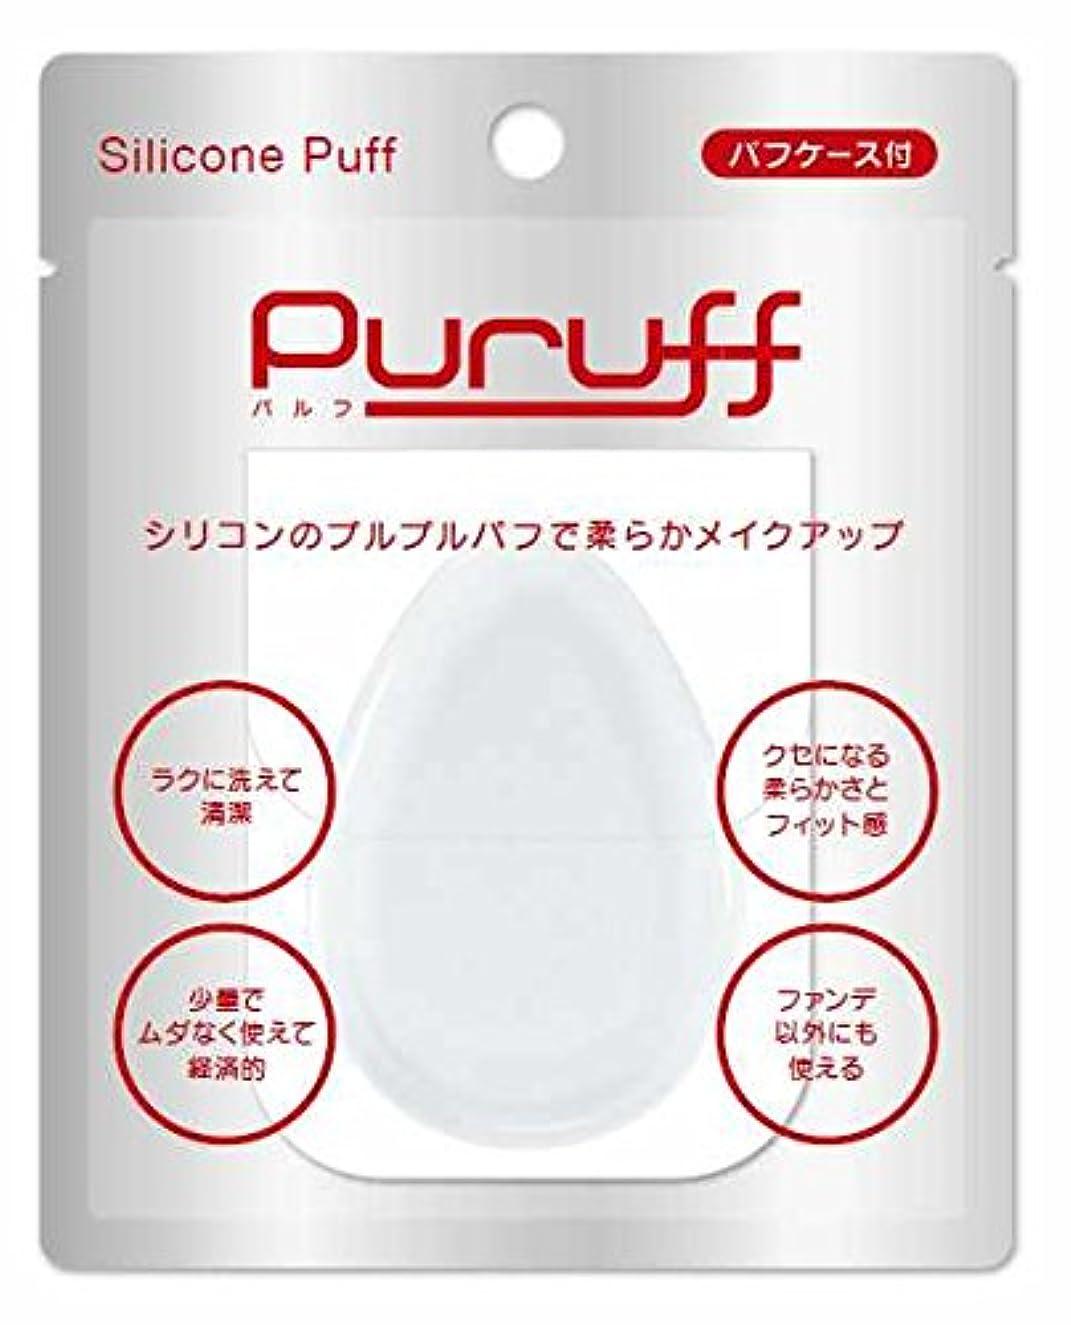 玉統計そこPuruff(パルフ) シリコンパフ カバー付 【まとめ買い2個セット】